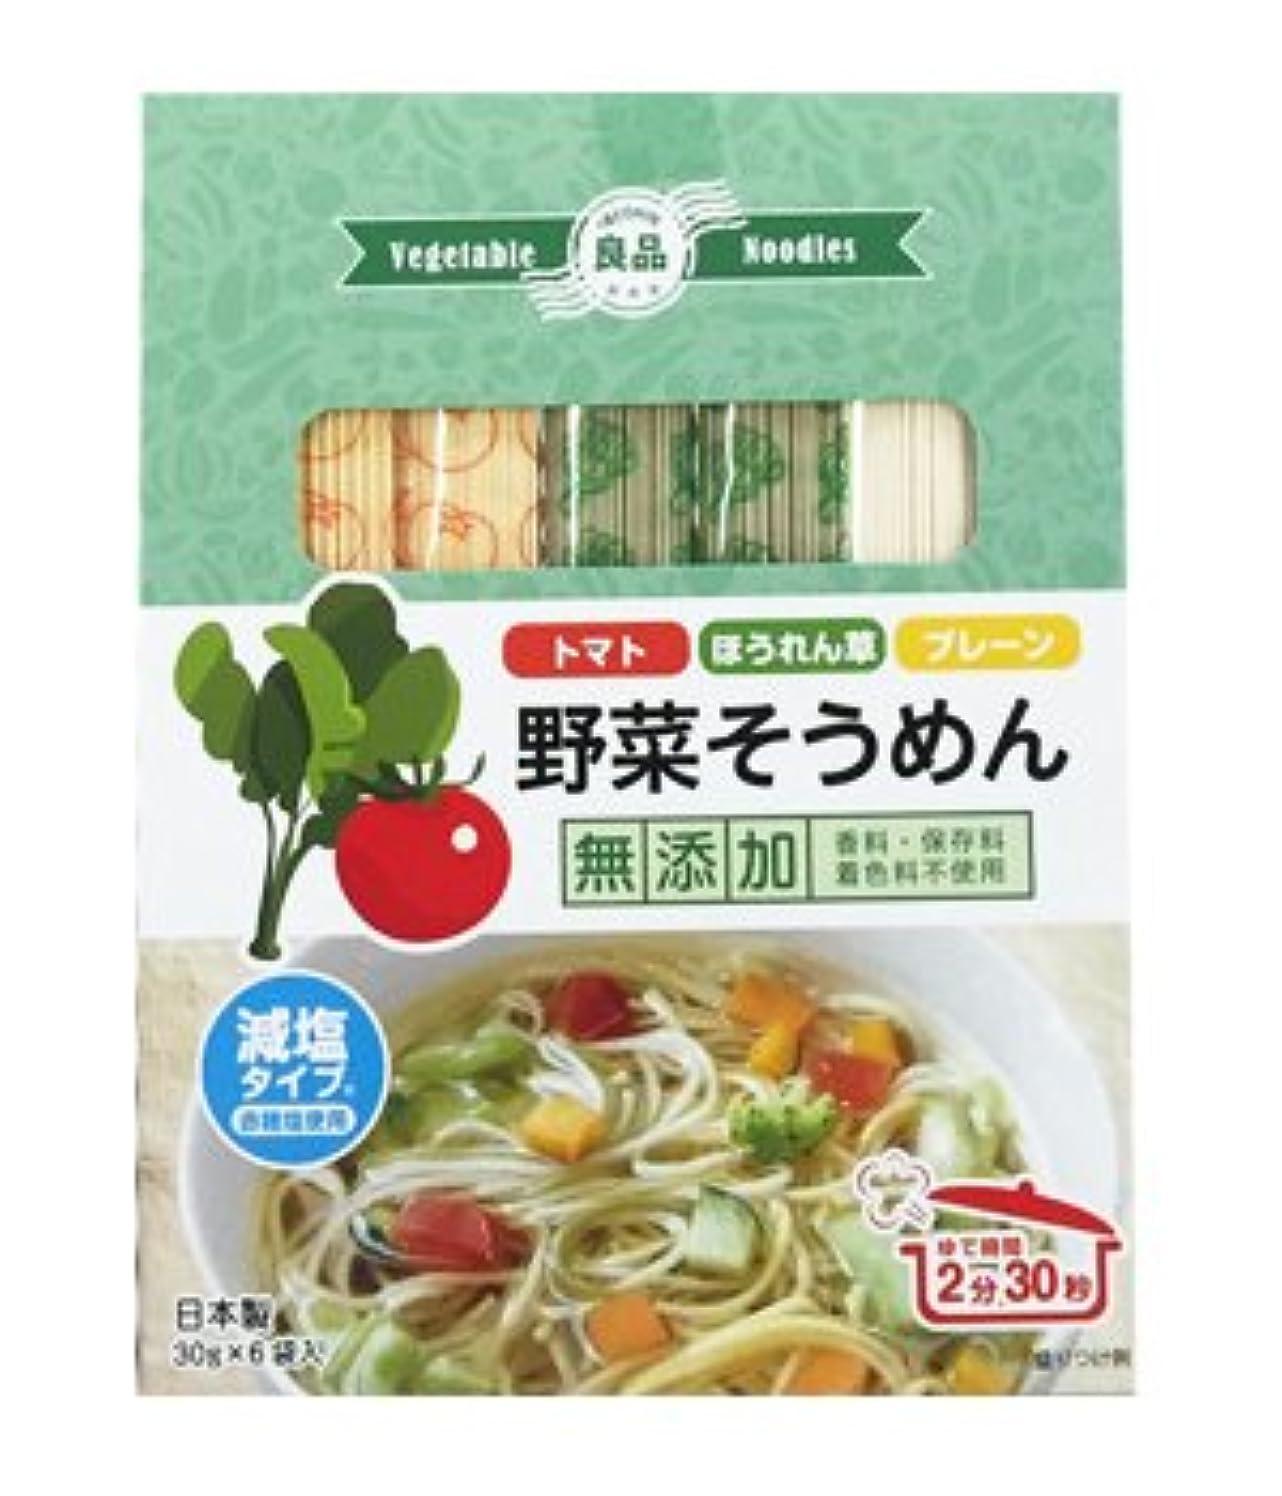 スナッチはずメタン良品 野菜そうめん(トマト?ほうれん草?プレーン) 30g×6袋入